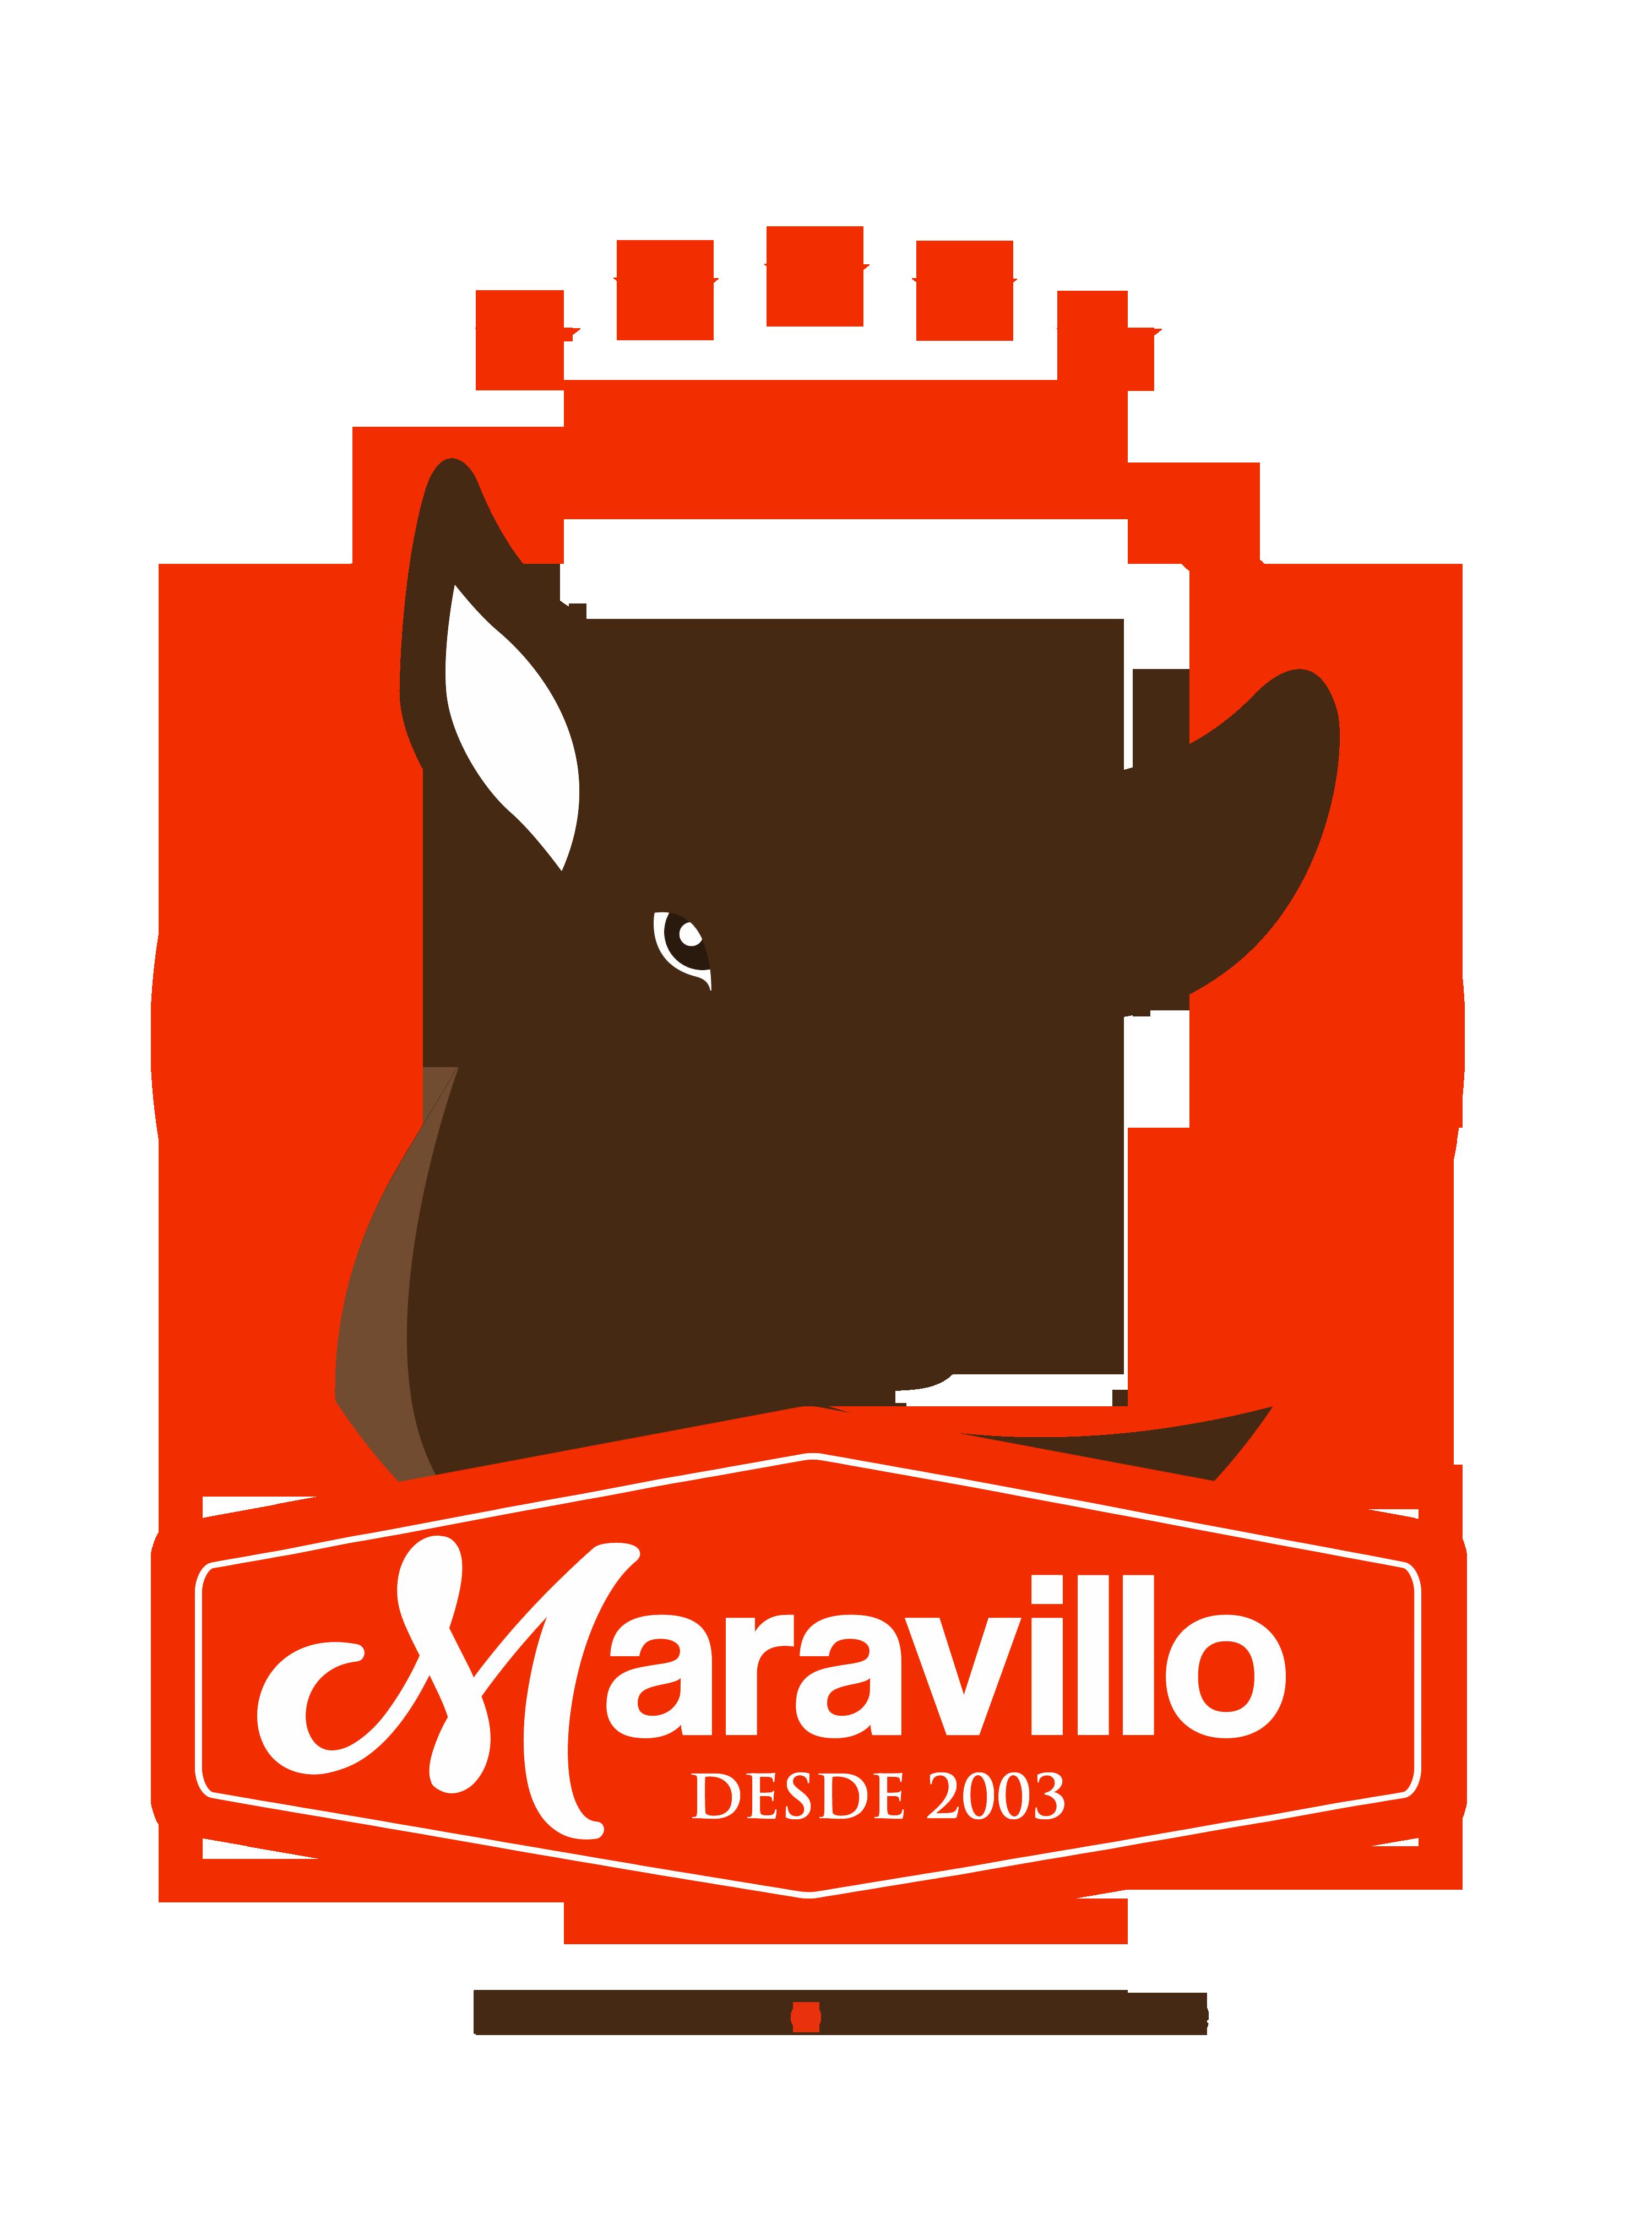 Barbacoa Maravillo